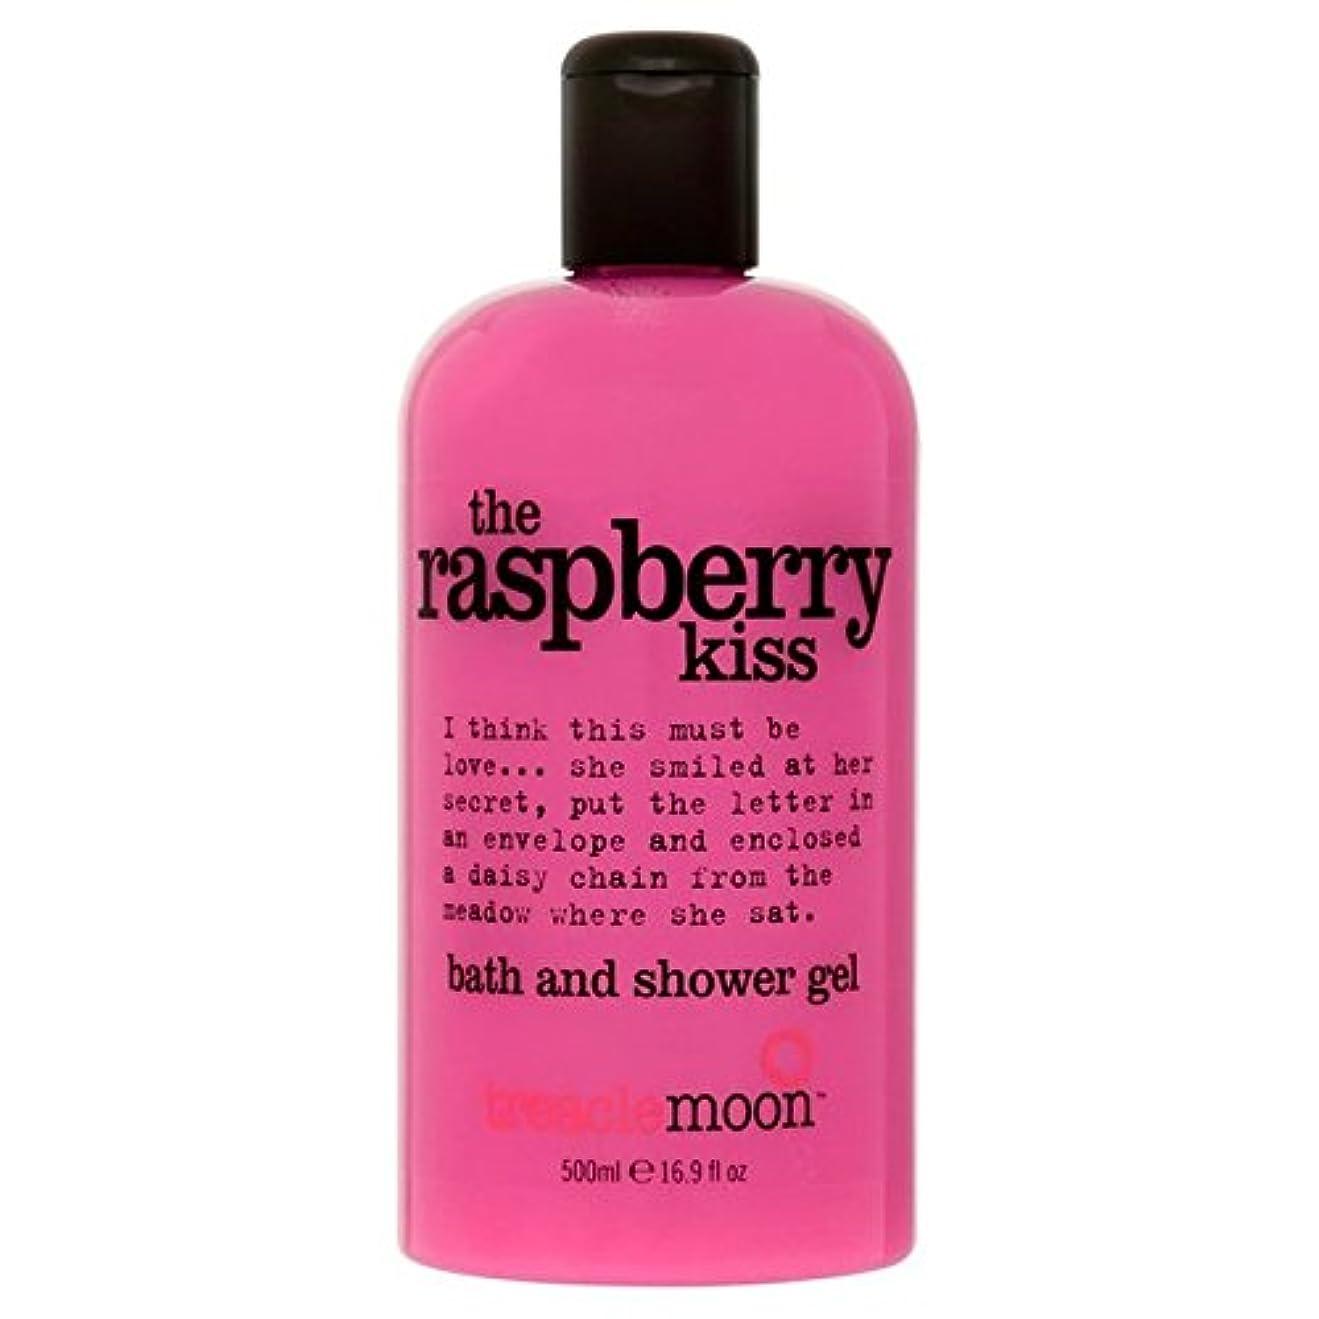 コカイン切り下げ相対サイズ糖蜜ムーンラズベリーバス&シャワージェル500ミリリットル x2 - Treacle Moon Raspberry Bath & Shower Gel 500ml (Pack of 2) [並行輸入品]